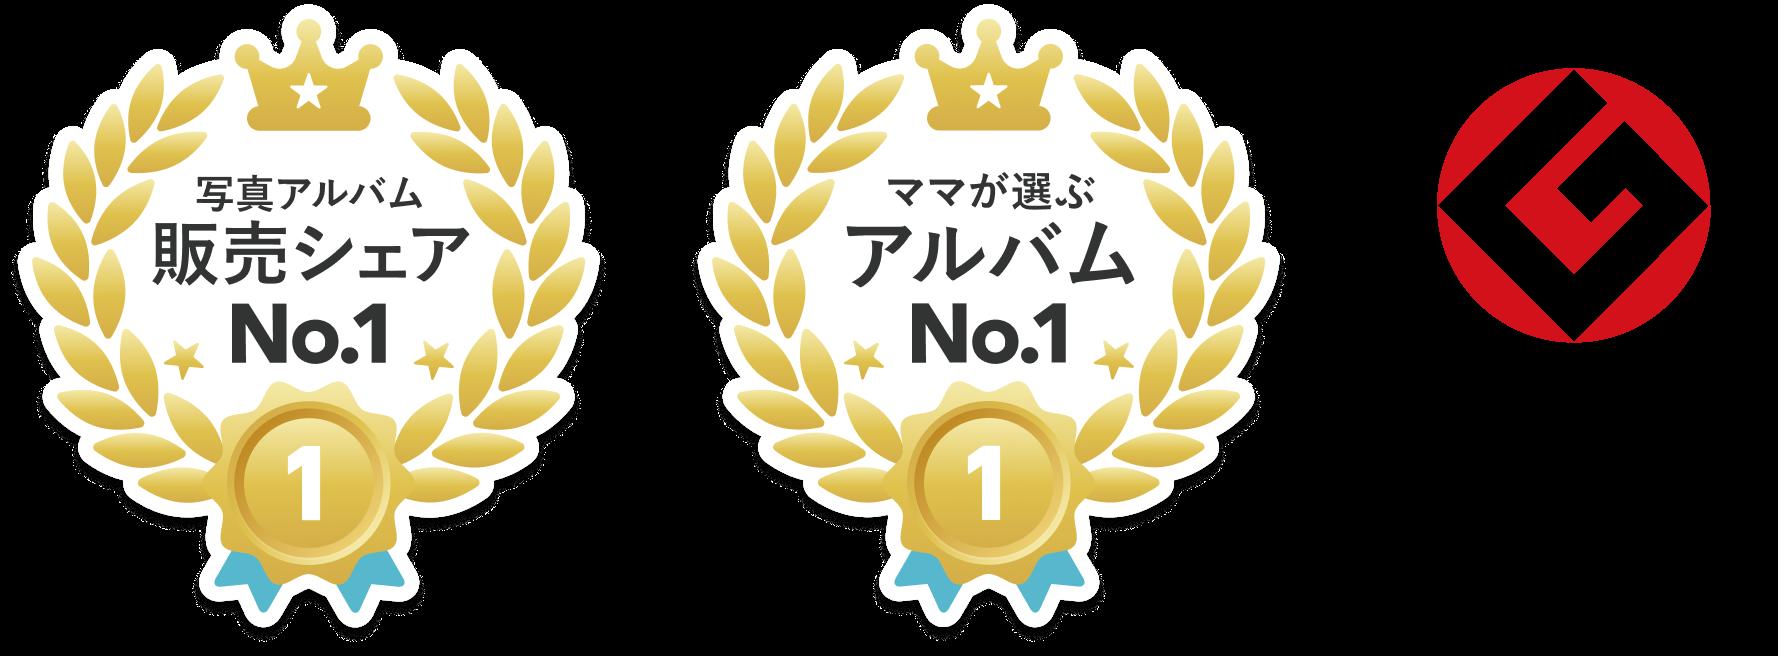 ママが選ぶアルバム No.1・写真アルバム販売シェア No.1・グッドデザイン賞2018受賞